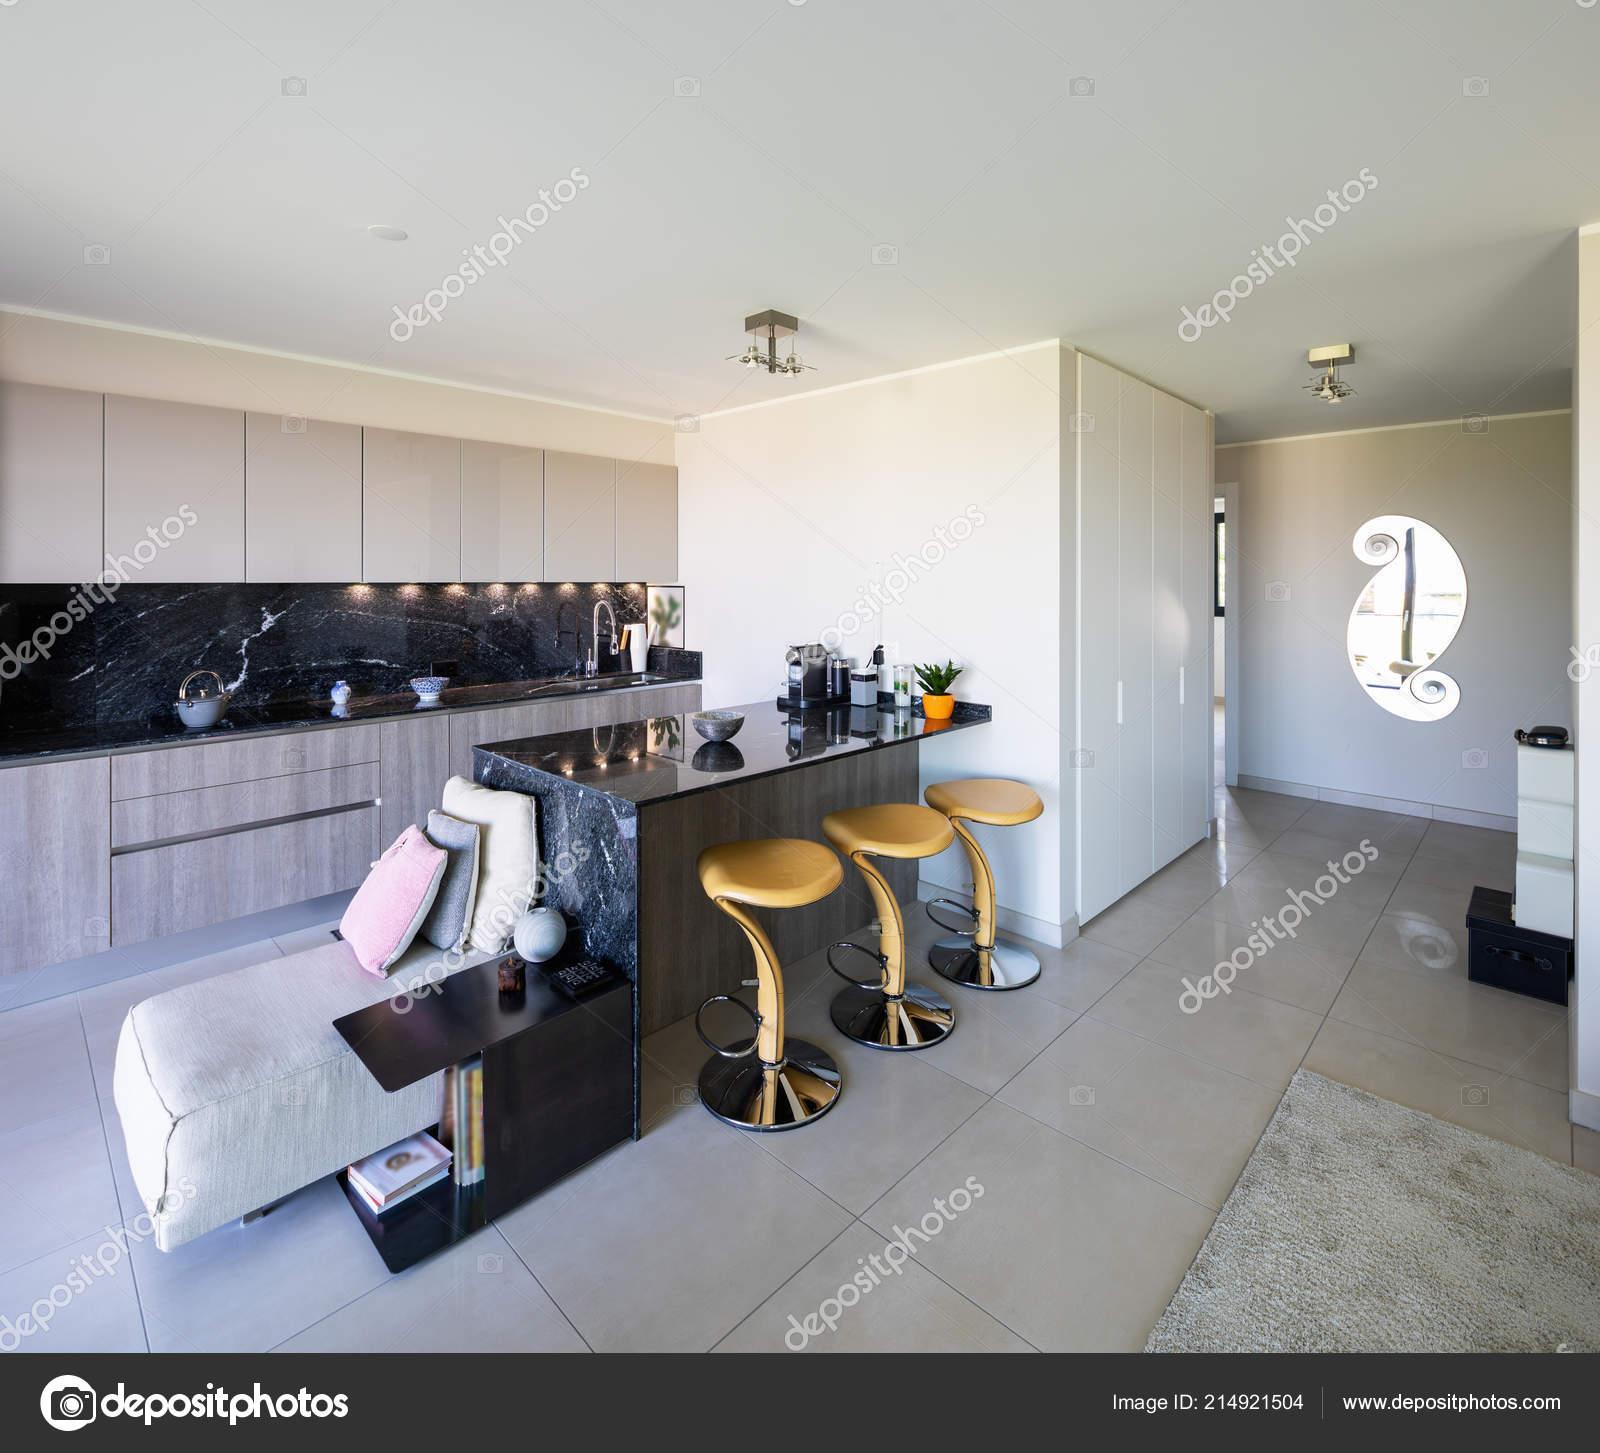 Wohnzimmer Und Küche Offenen Raum Und Moderne Wohnung Niemand